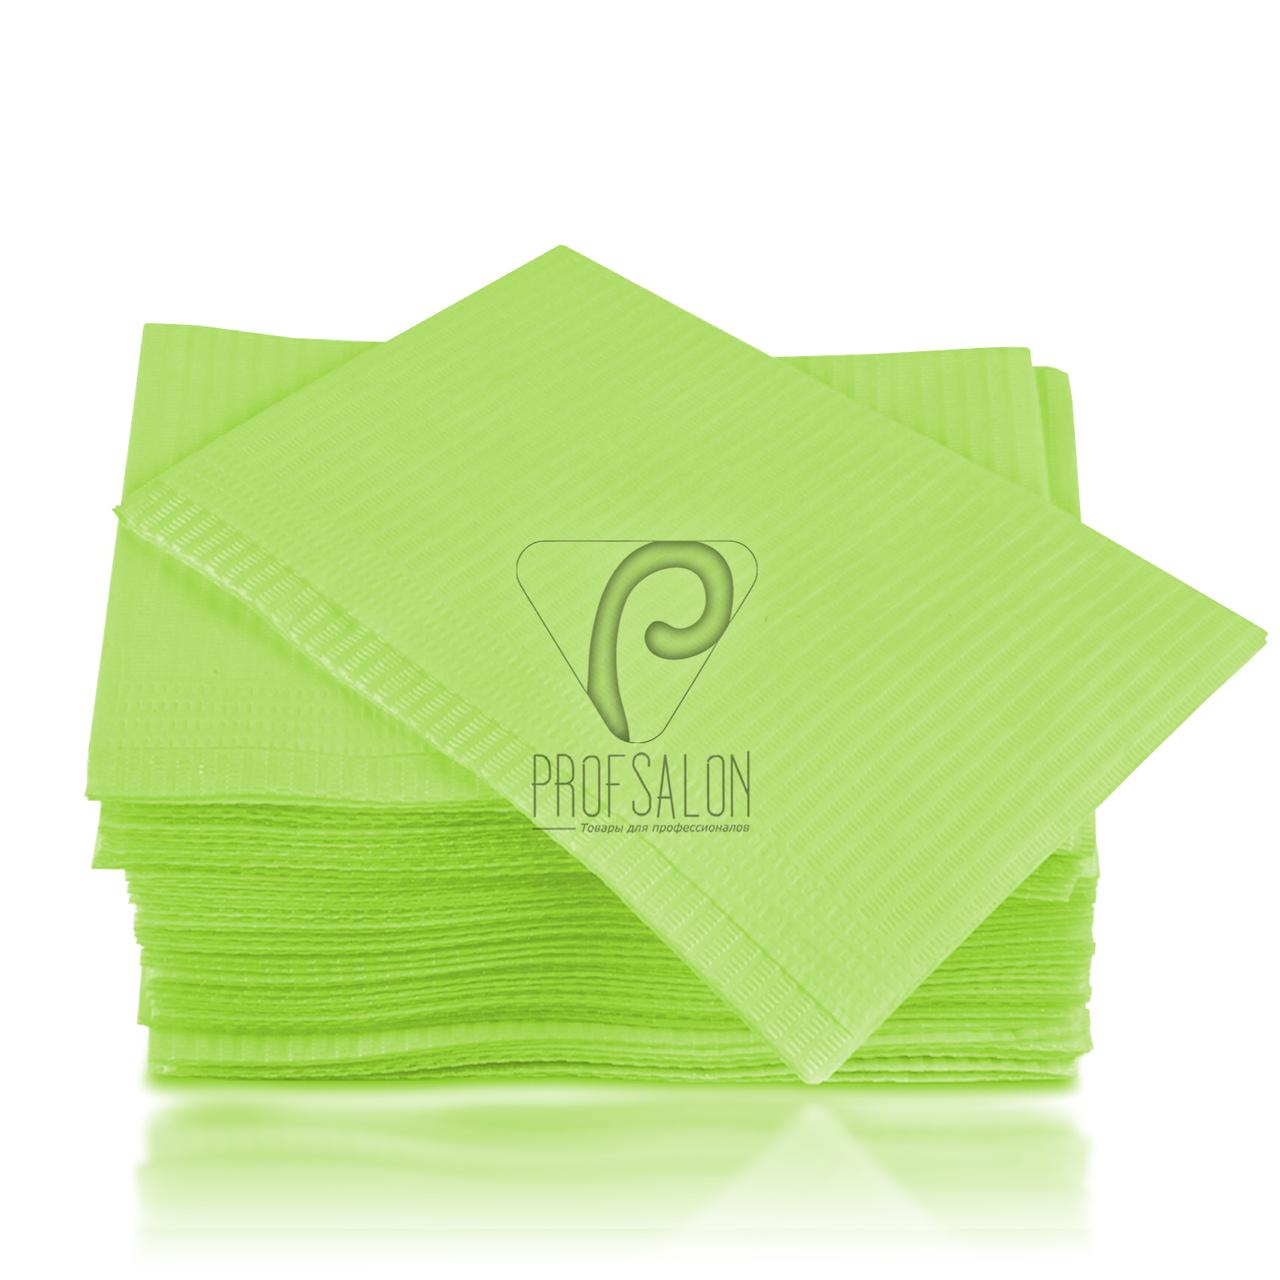 Непромокаемые салфетки на рабочий стол мастера маникюра, 125 шт, 45х32см, лаймовые